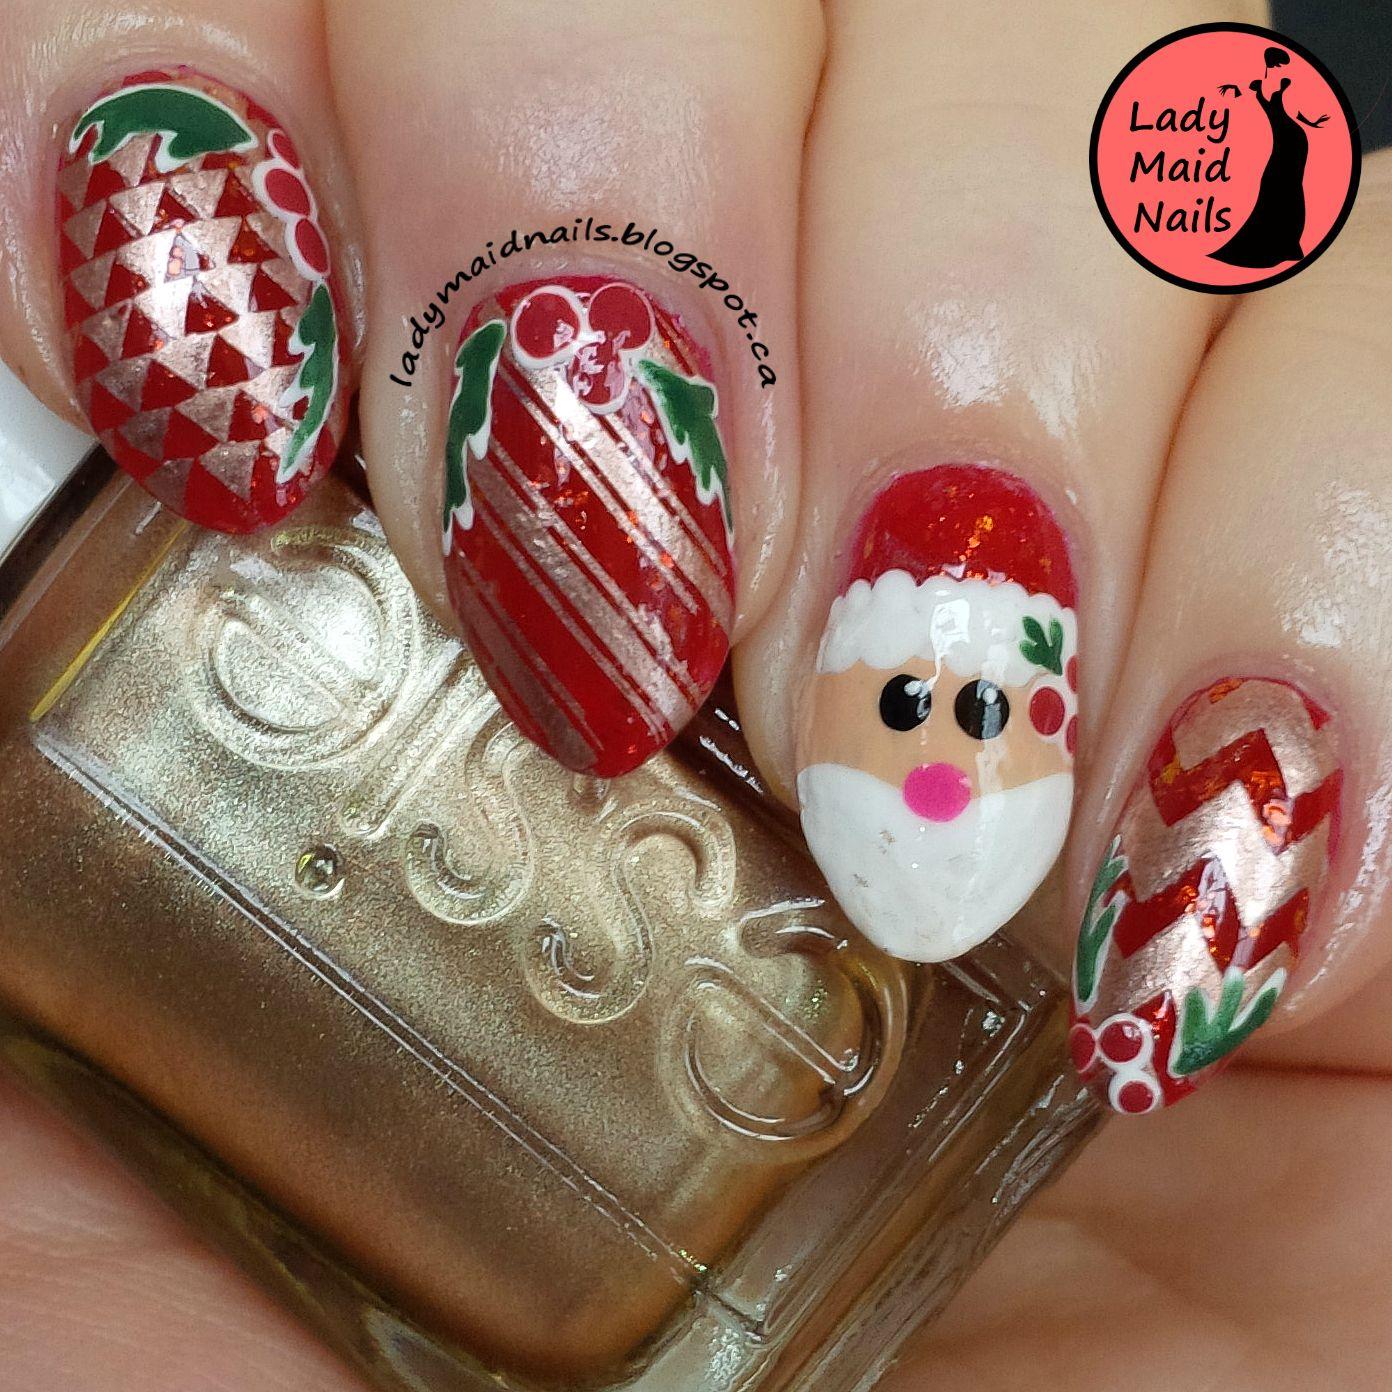 Lady Maid Nails Santa Nail Art  My Nail Art  Pinterest